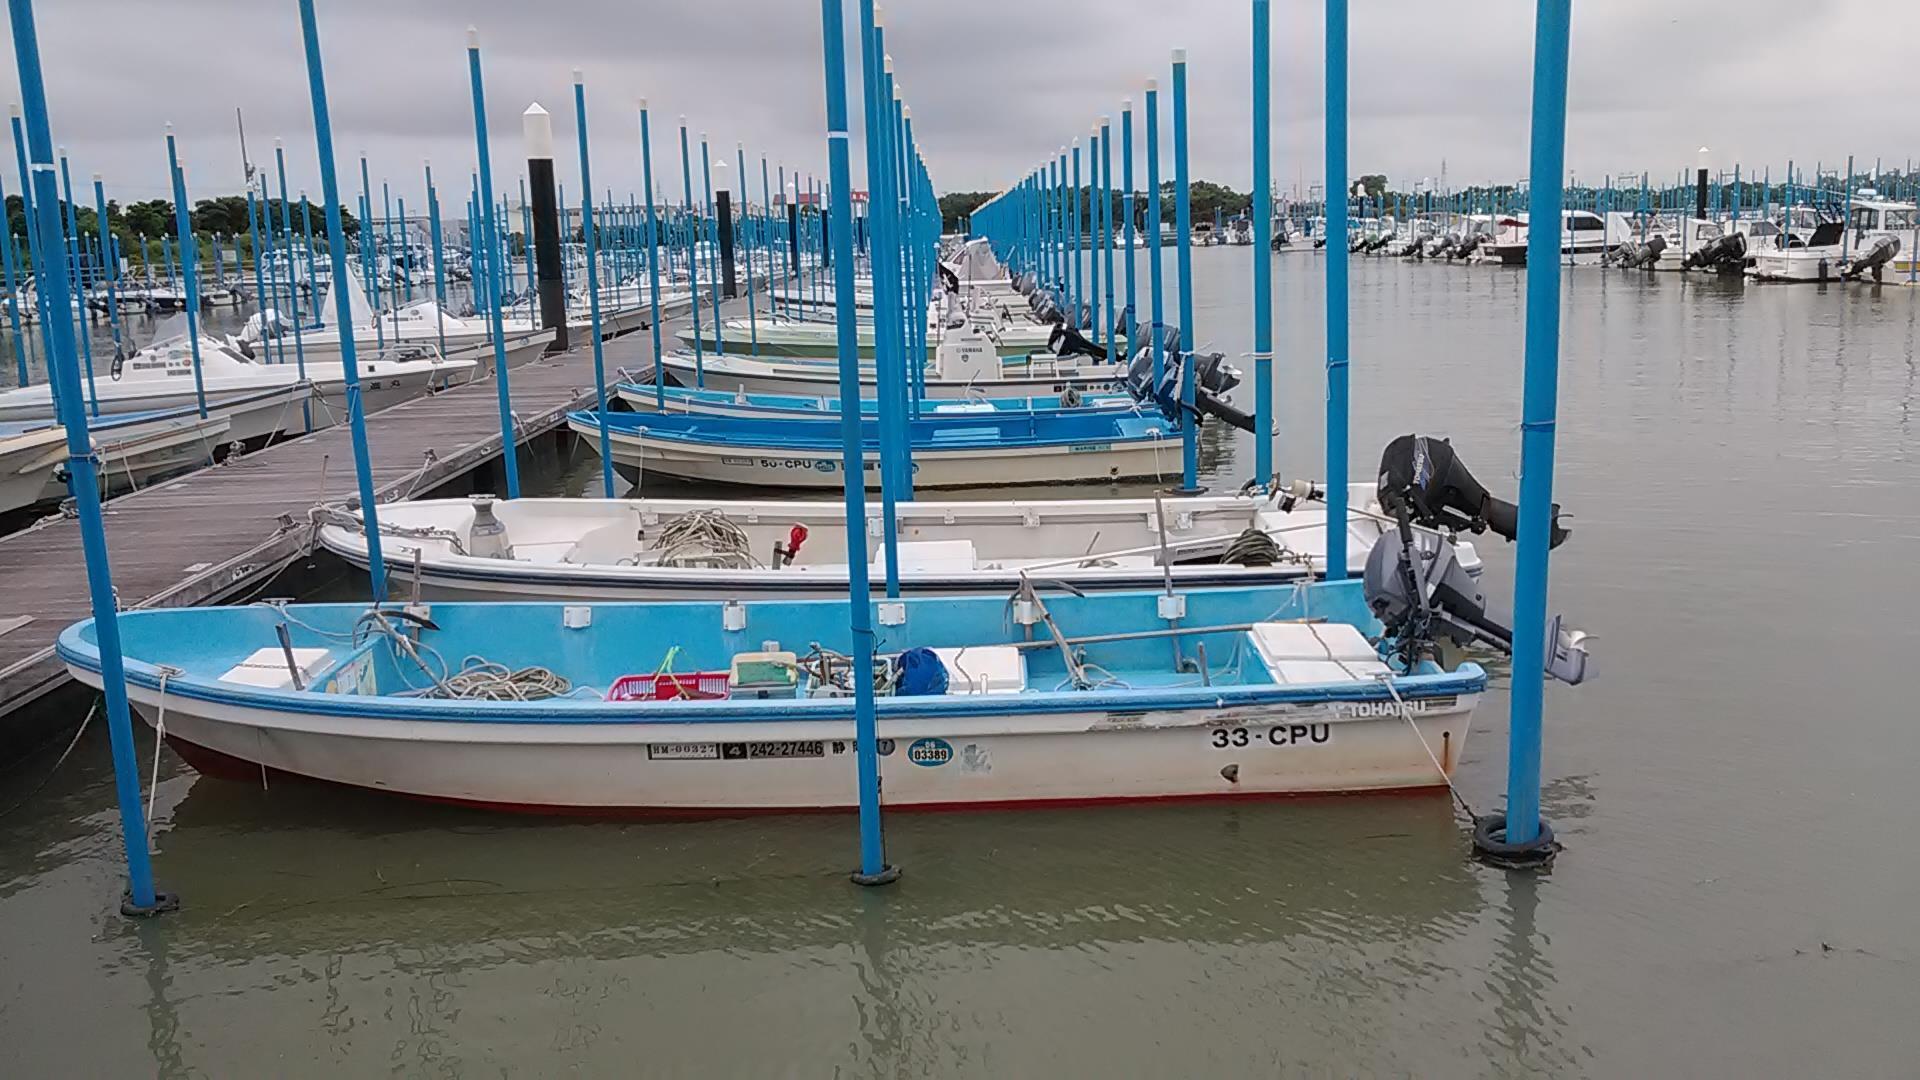 JH2JYS/